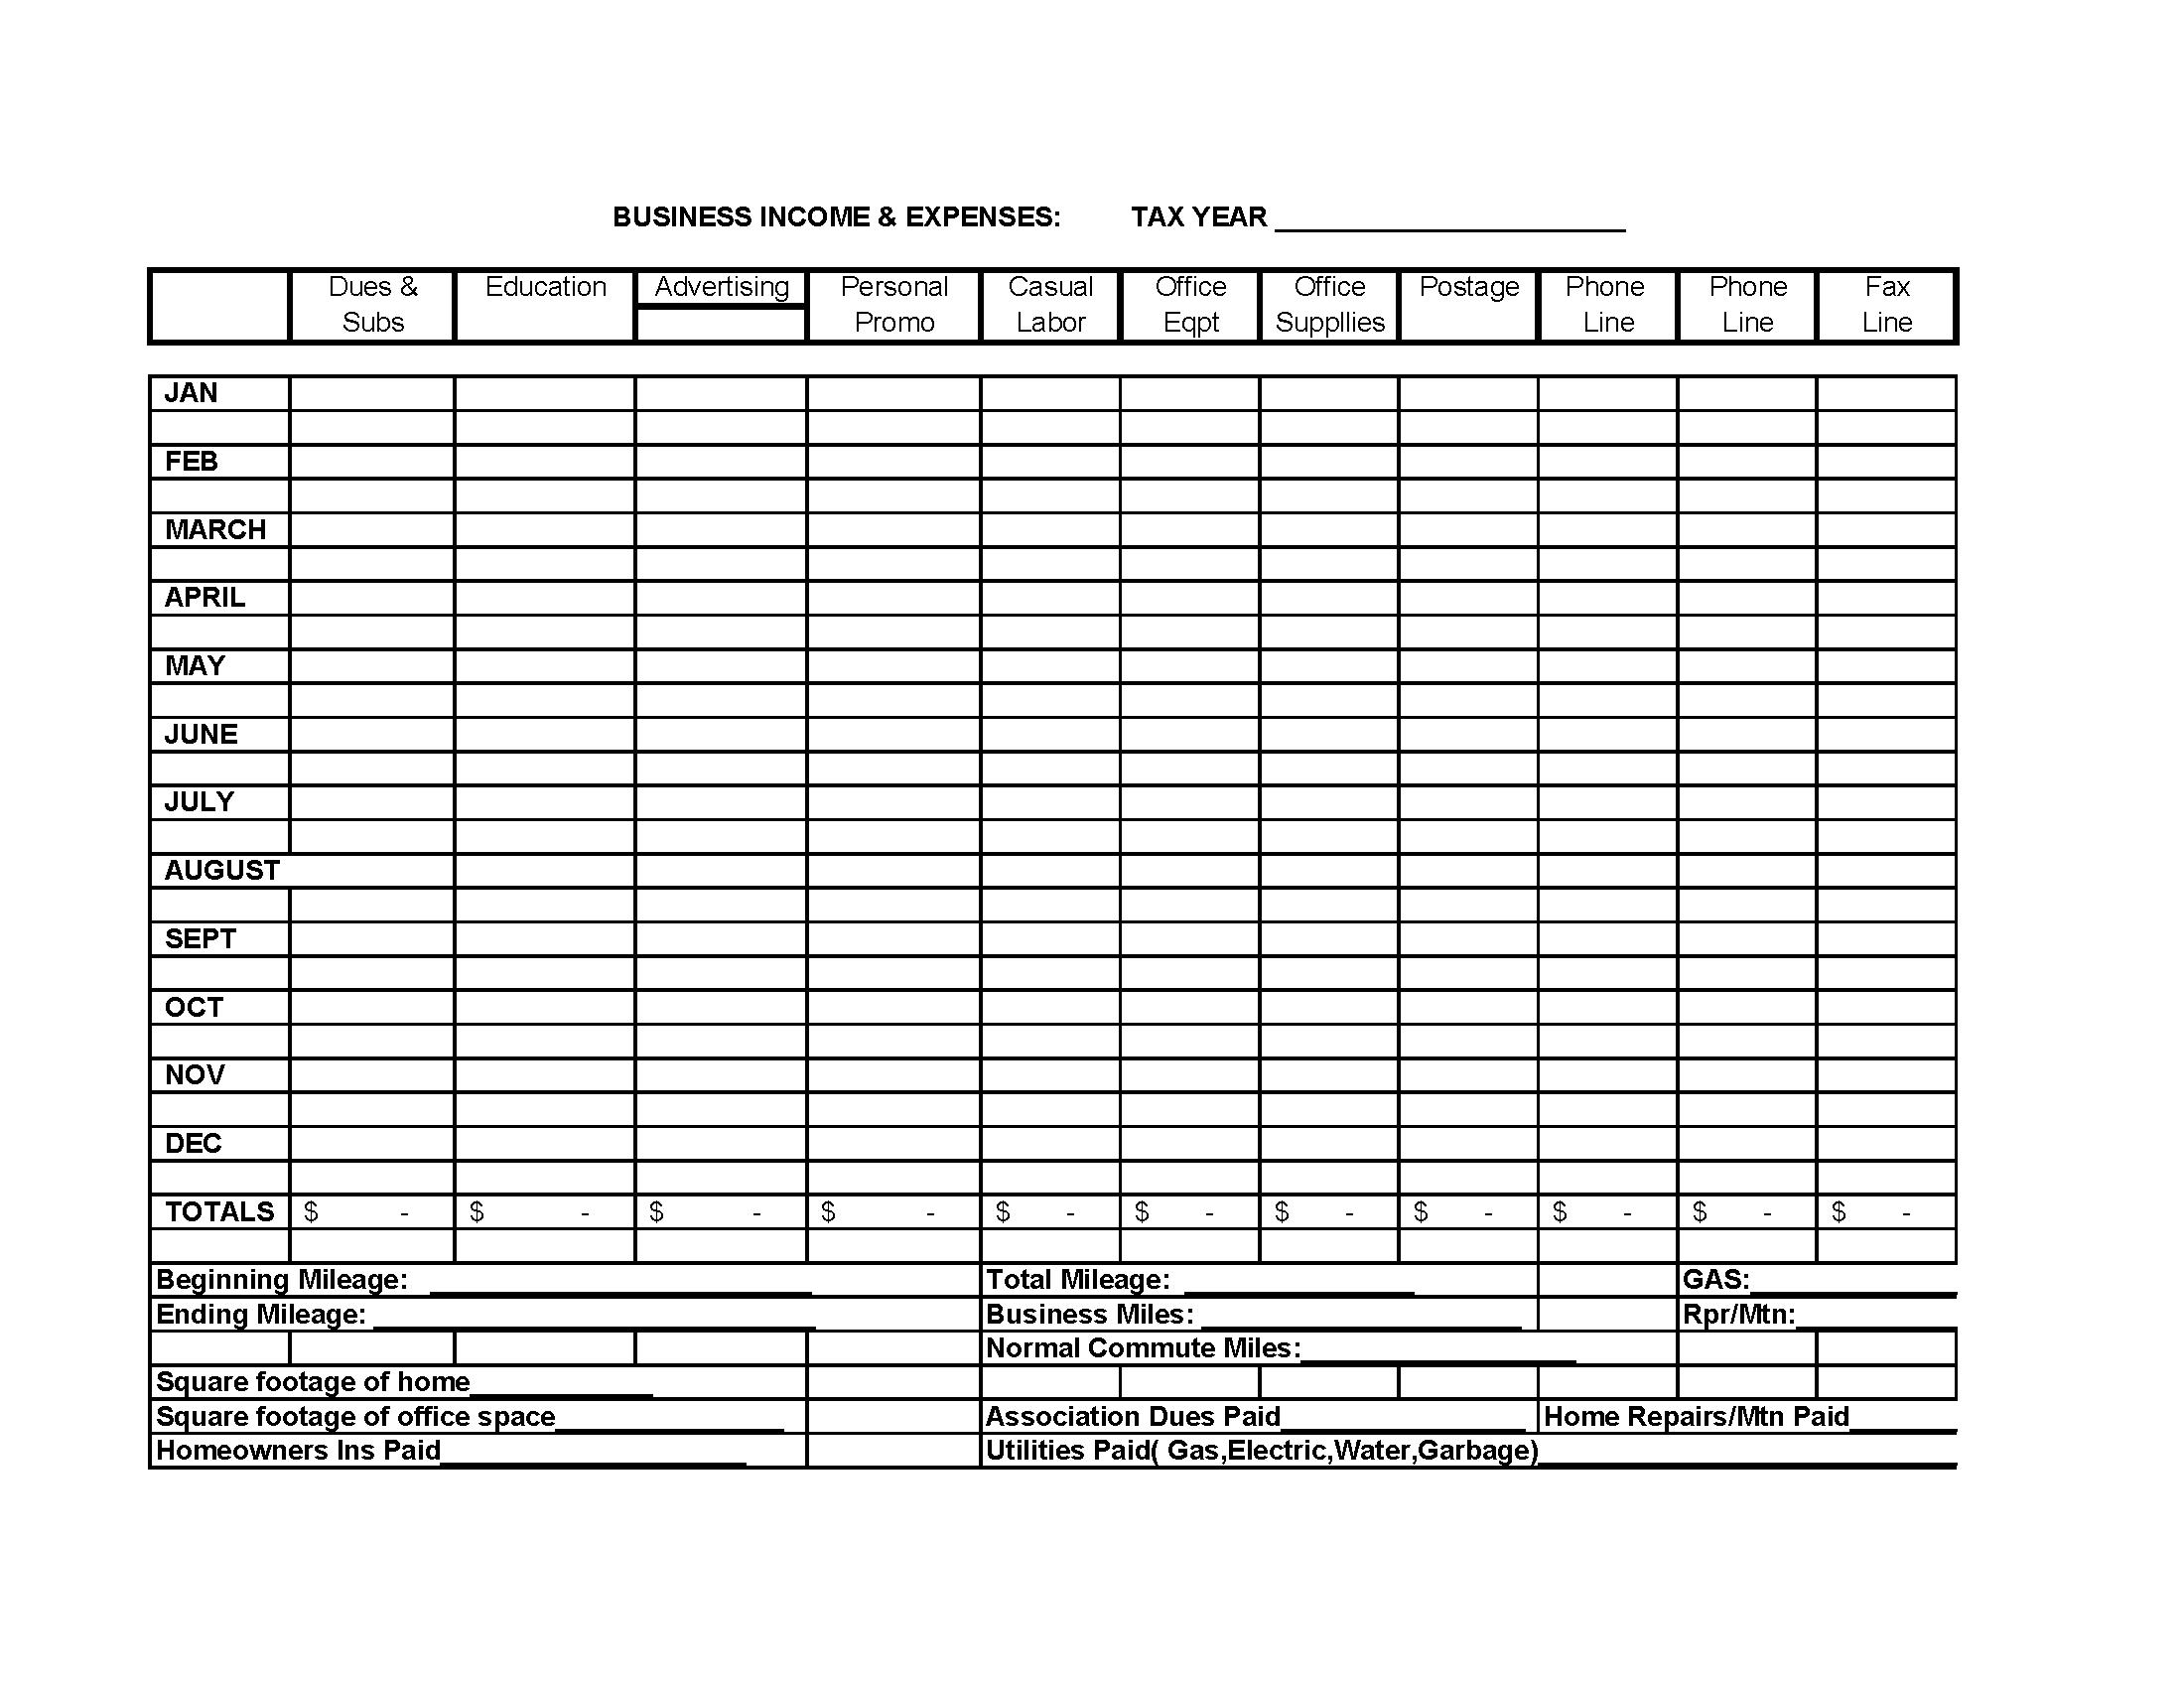 Itemized Deductions Worksheet Printable